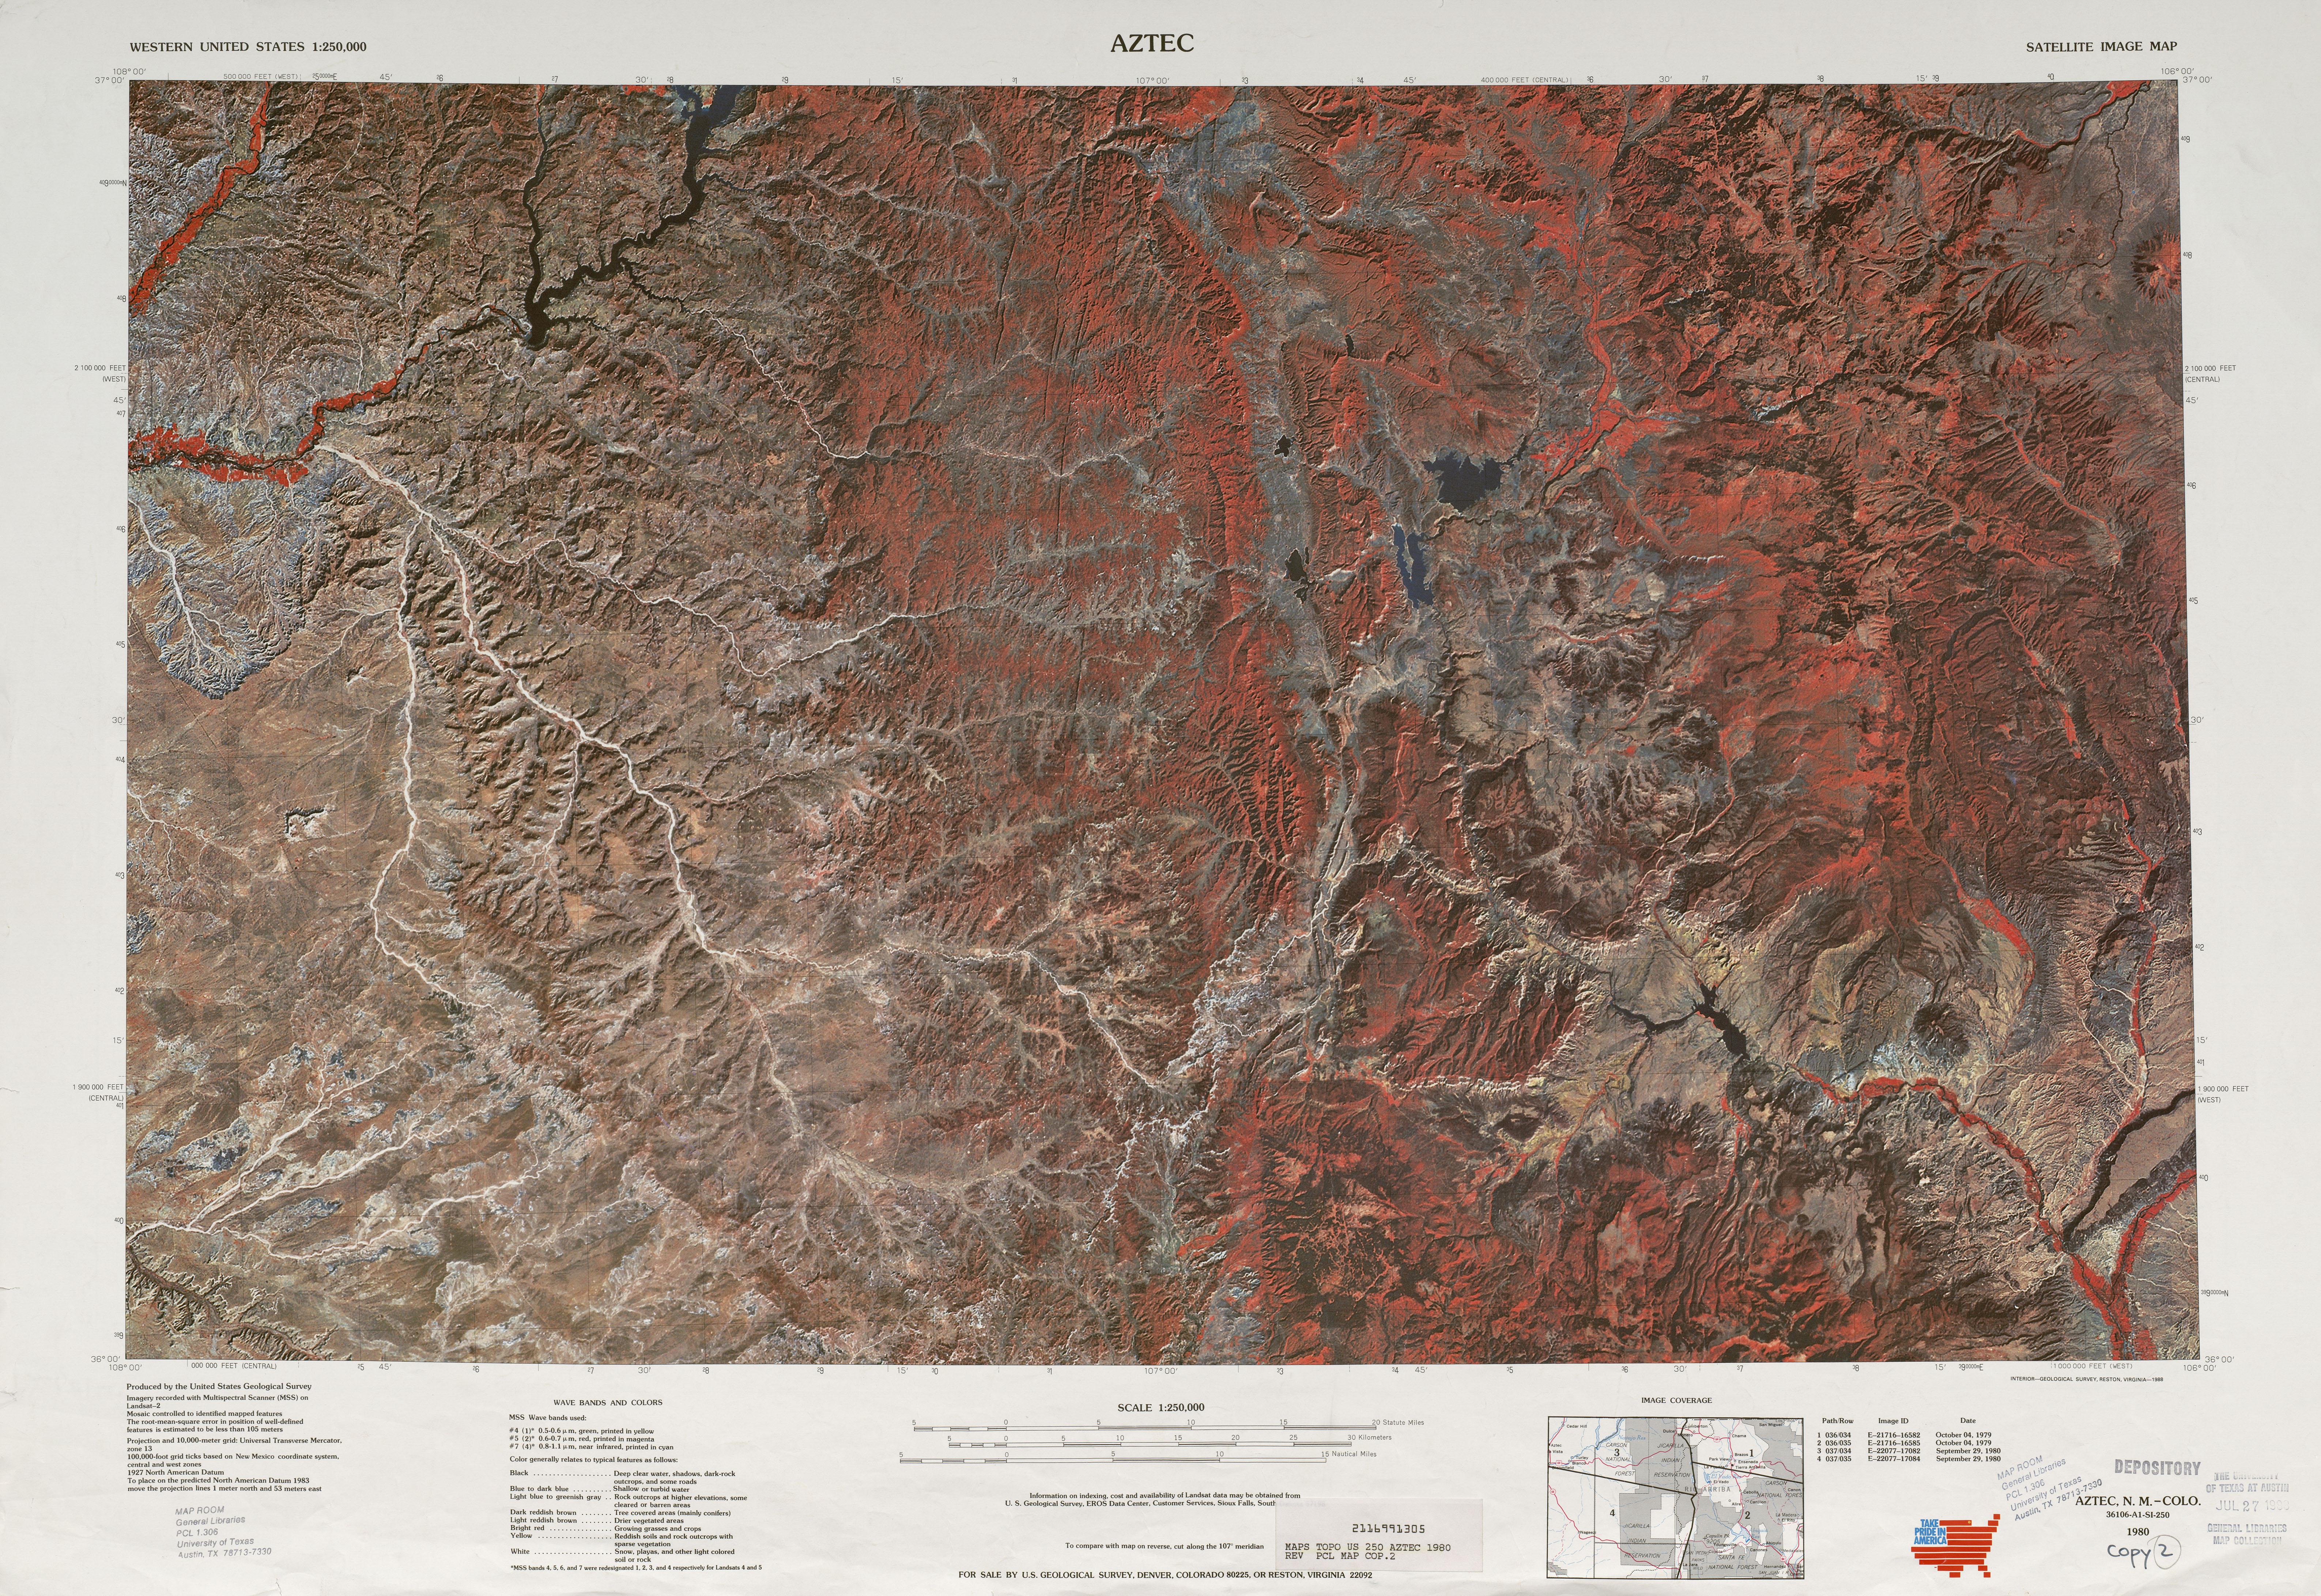 Hoja Aztec de la Imagen Satelital de los Estados Unidos 1980